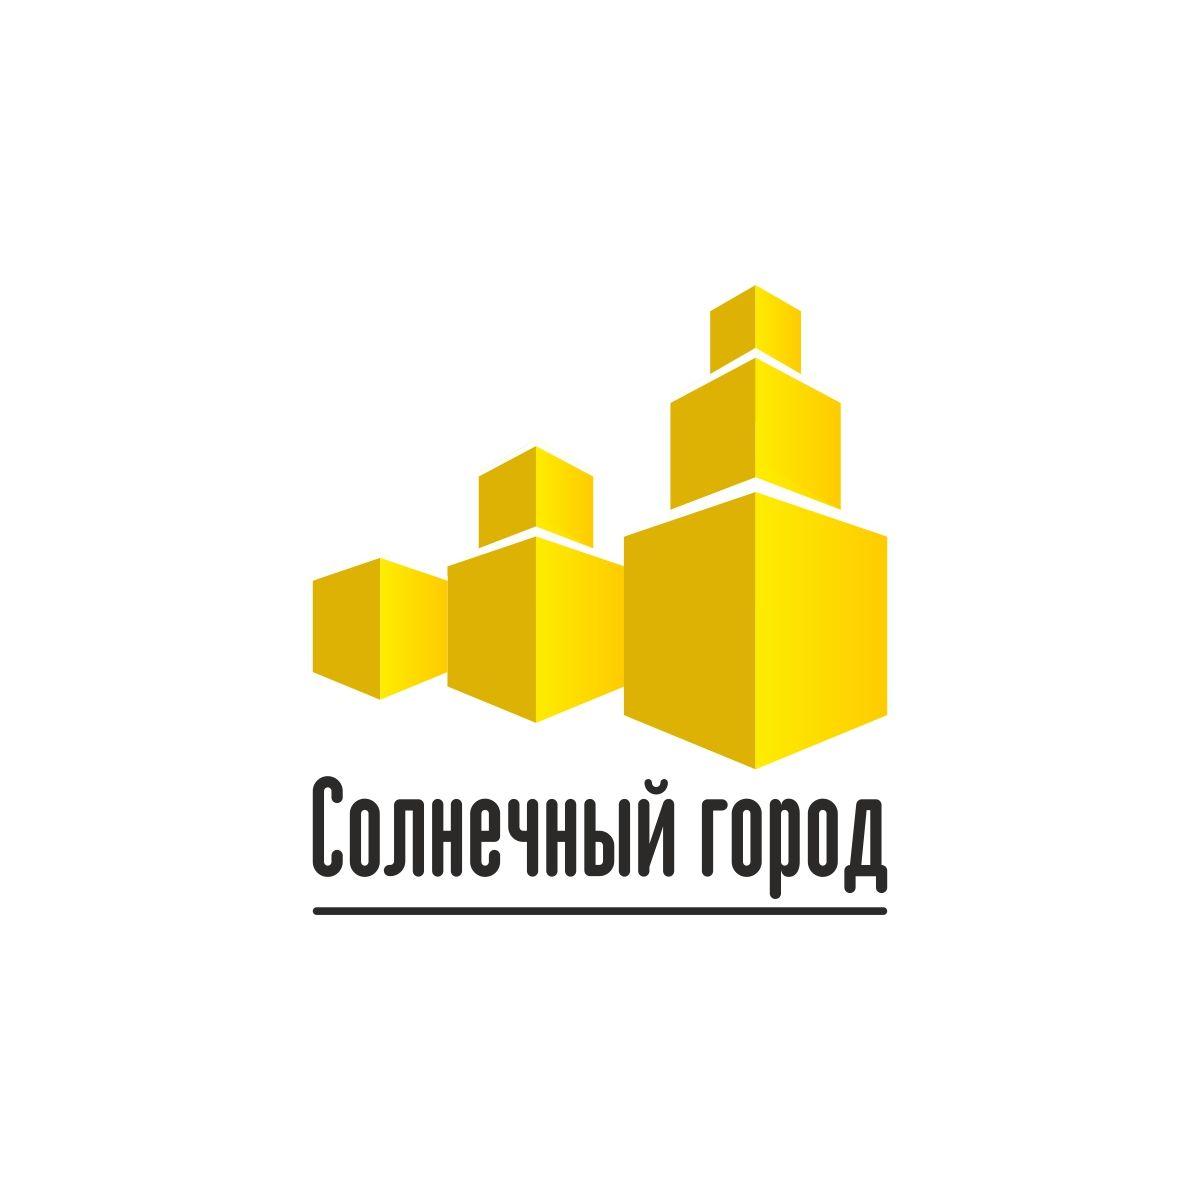 Логотип для солнечного города - дизайнер Fresh18